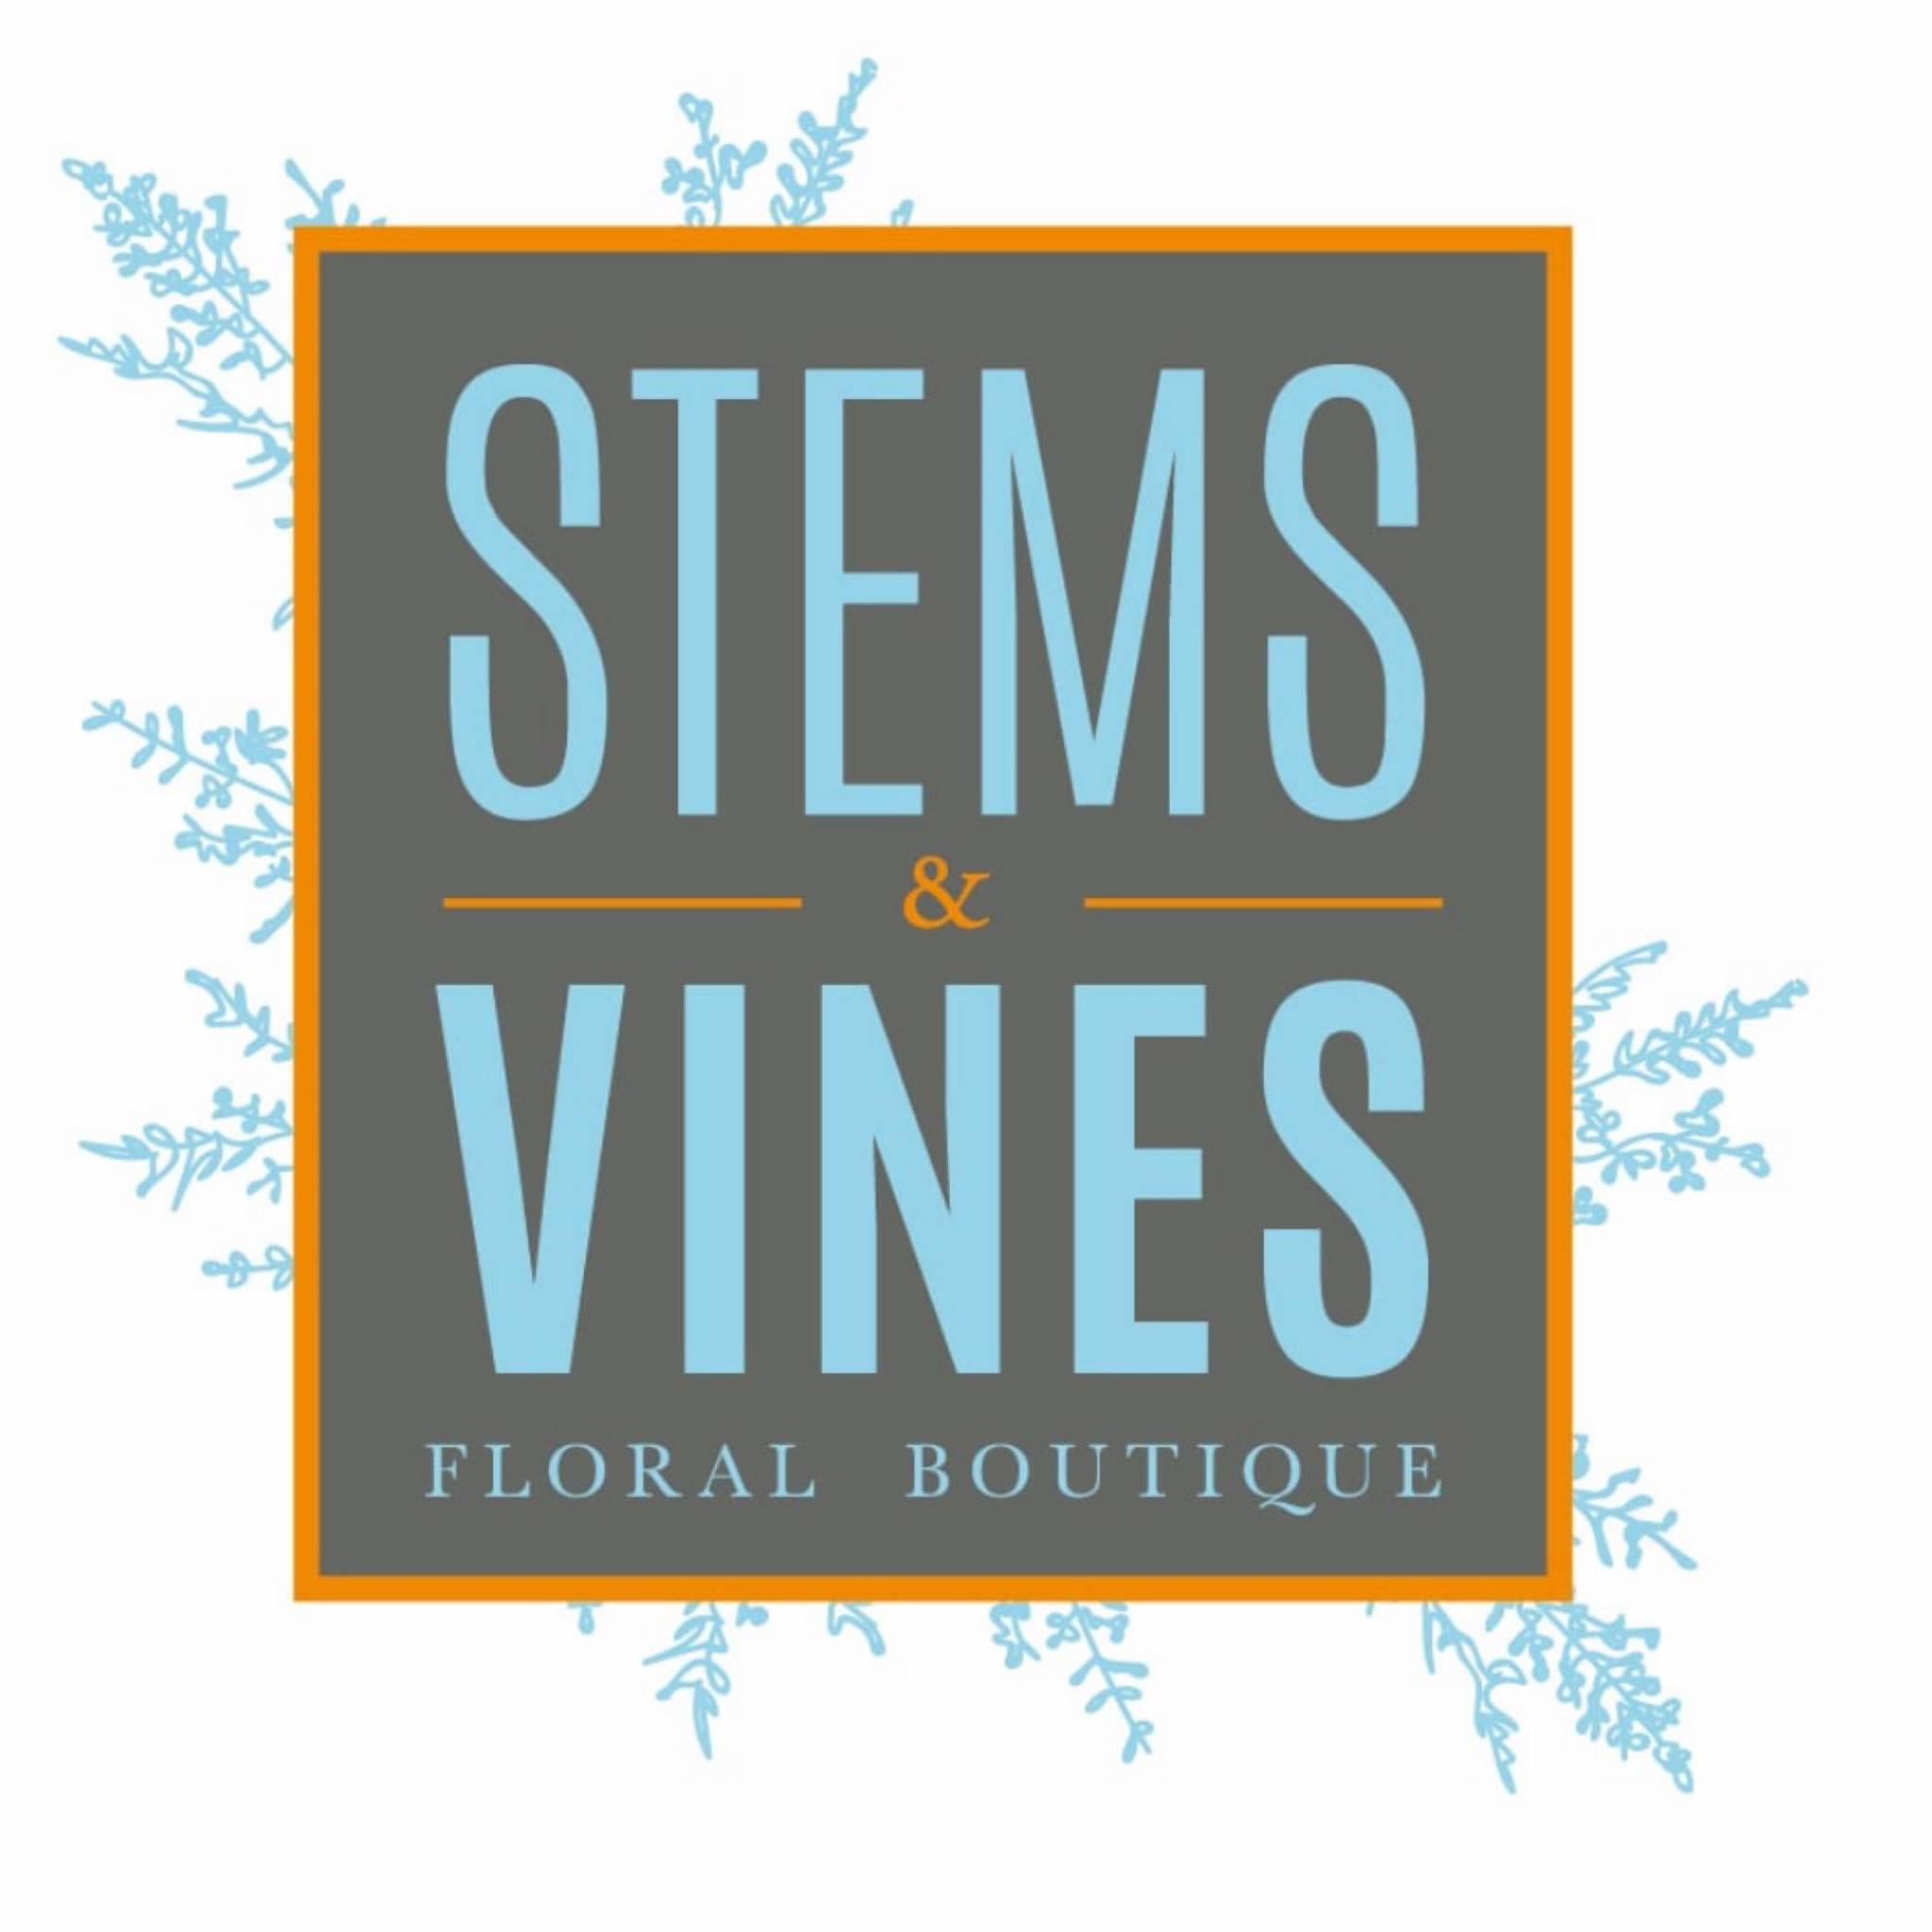 Stems & Vines Floral Boutique